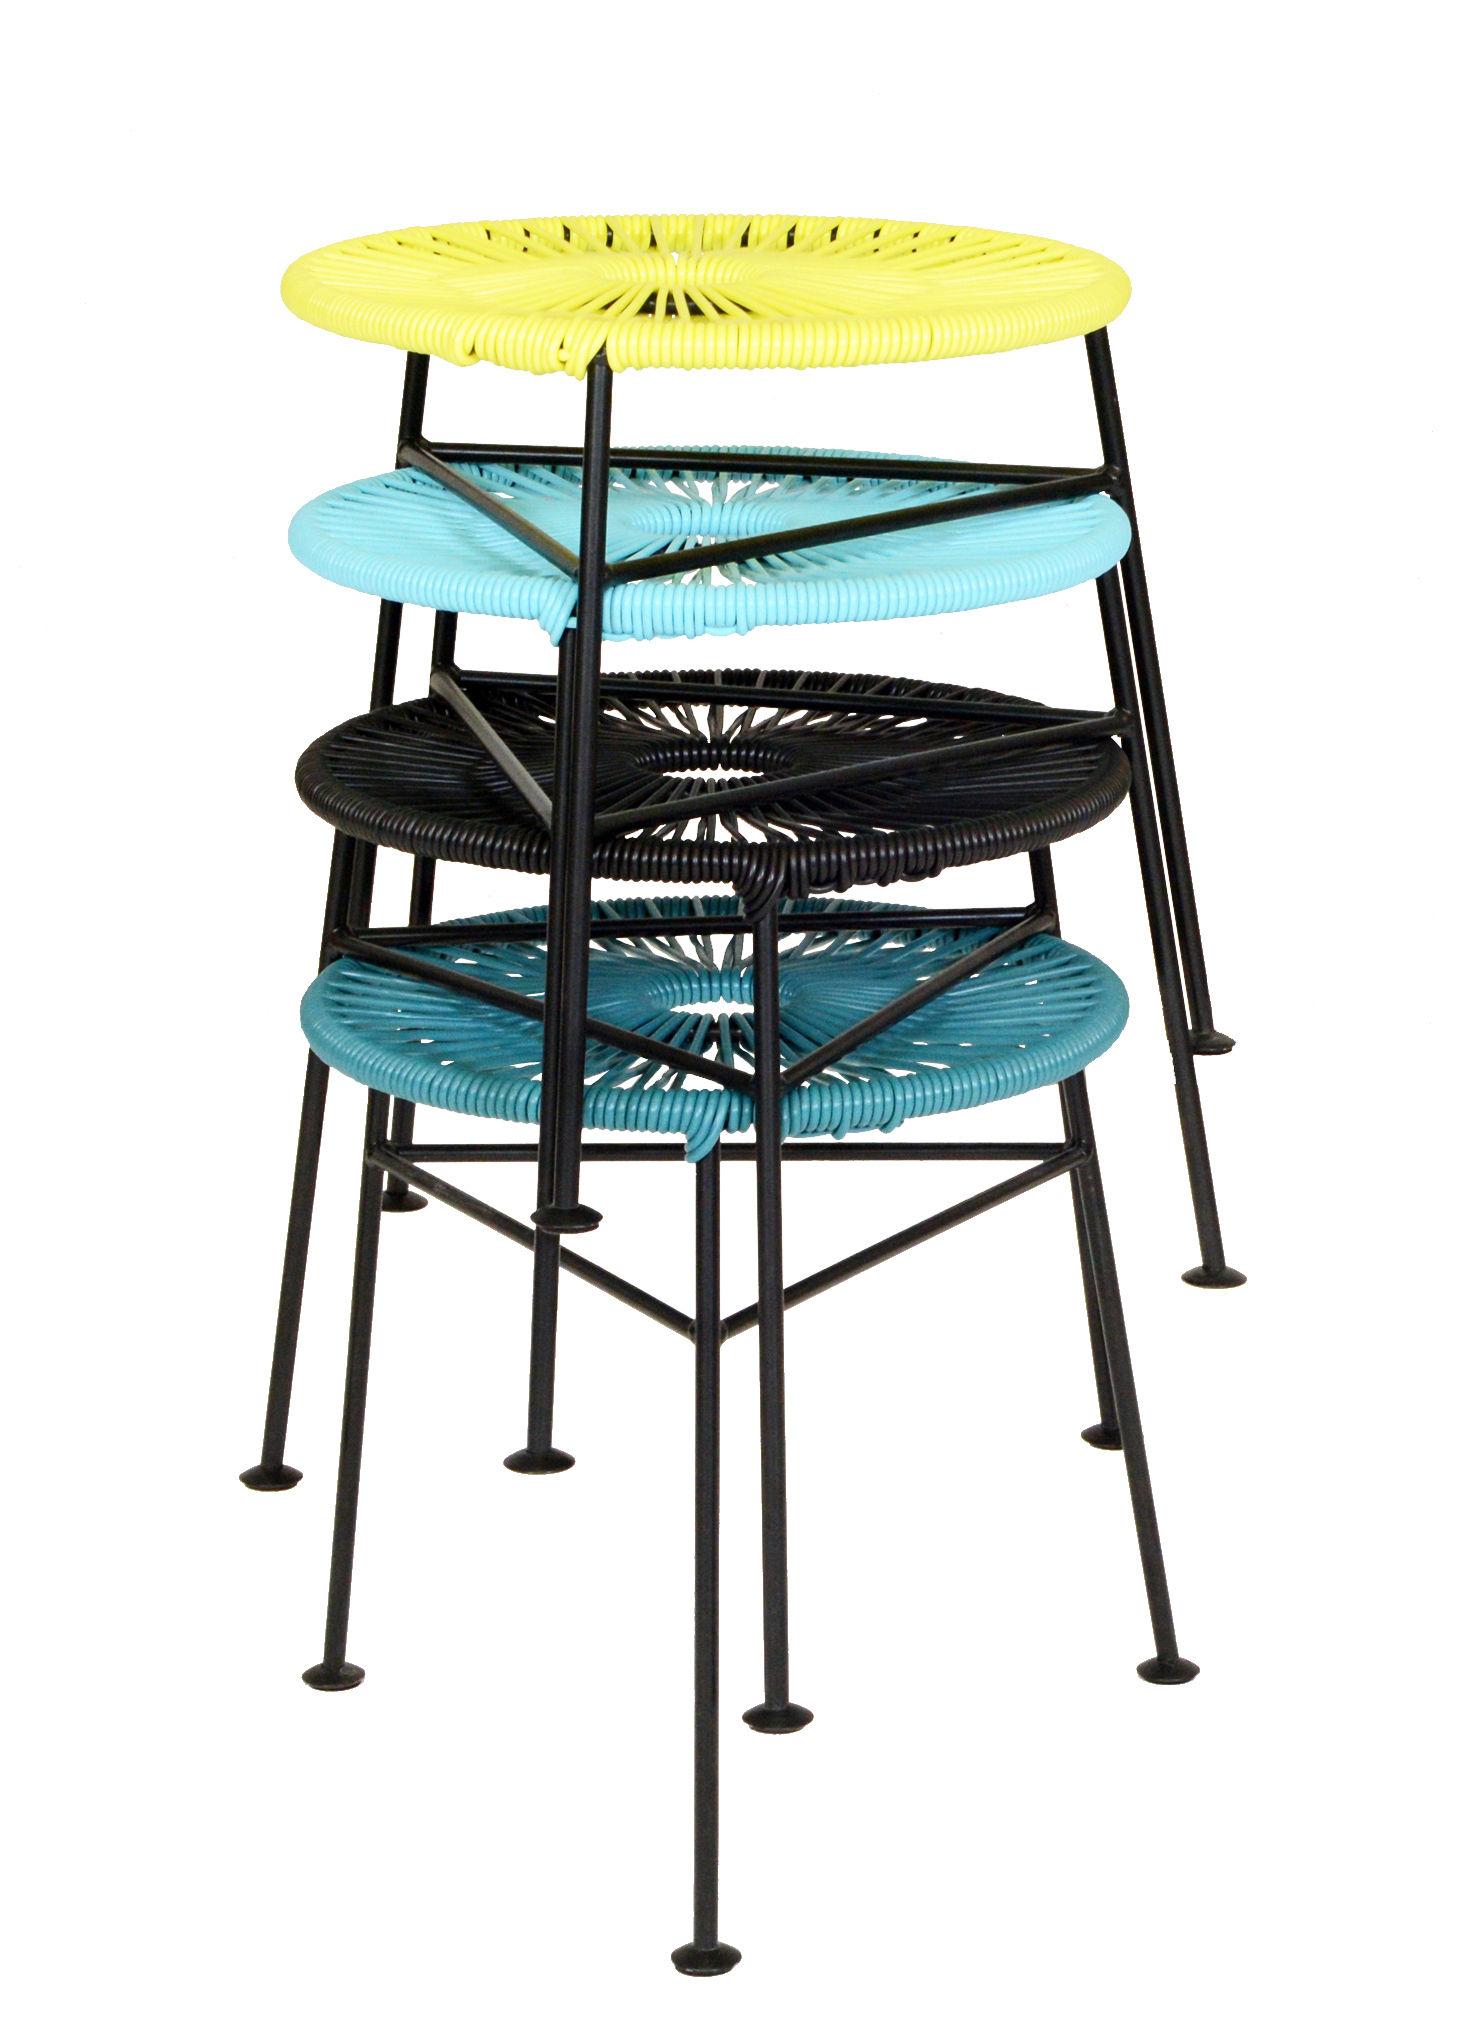 tabouret empilable centro plastique tress turquoise ok design pour sentou edition. Black Bedroom Furniture Sets. Home Design Ideas